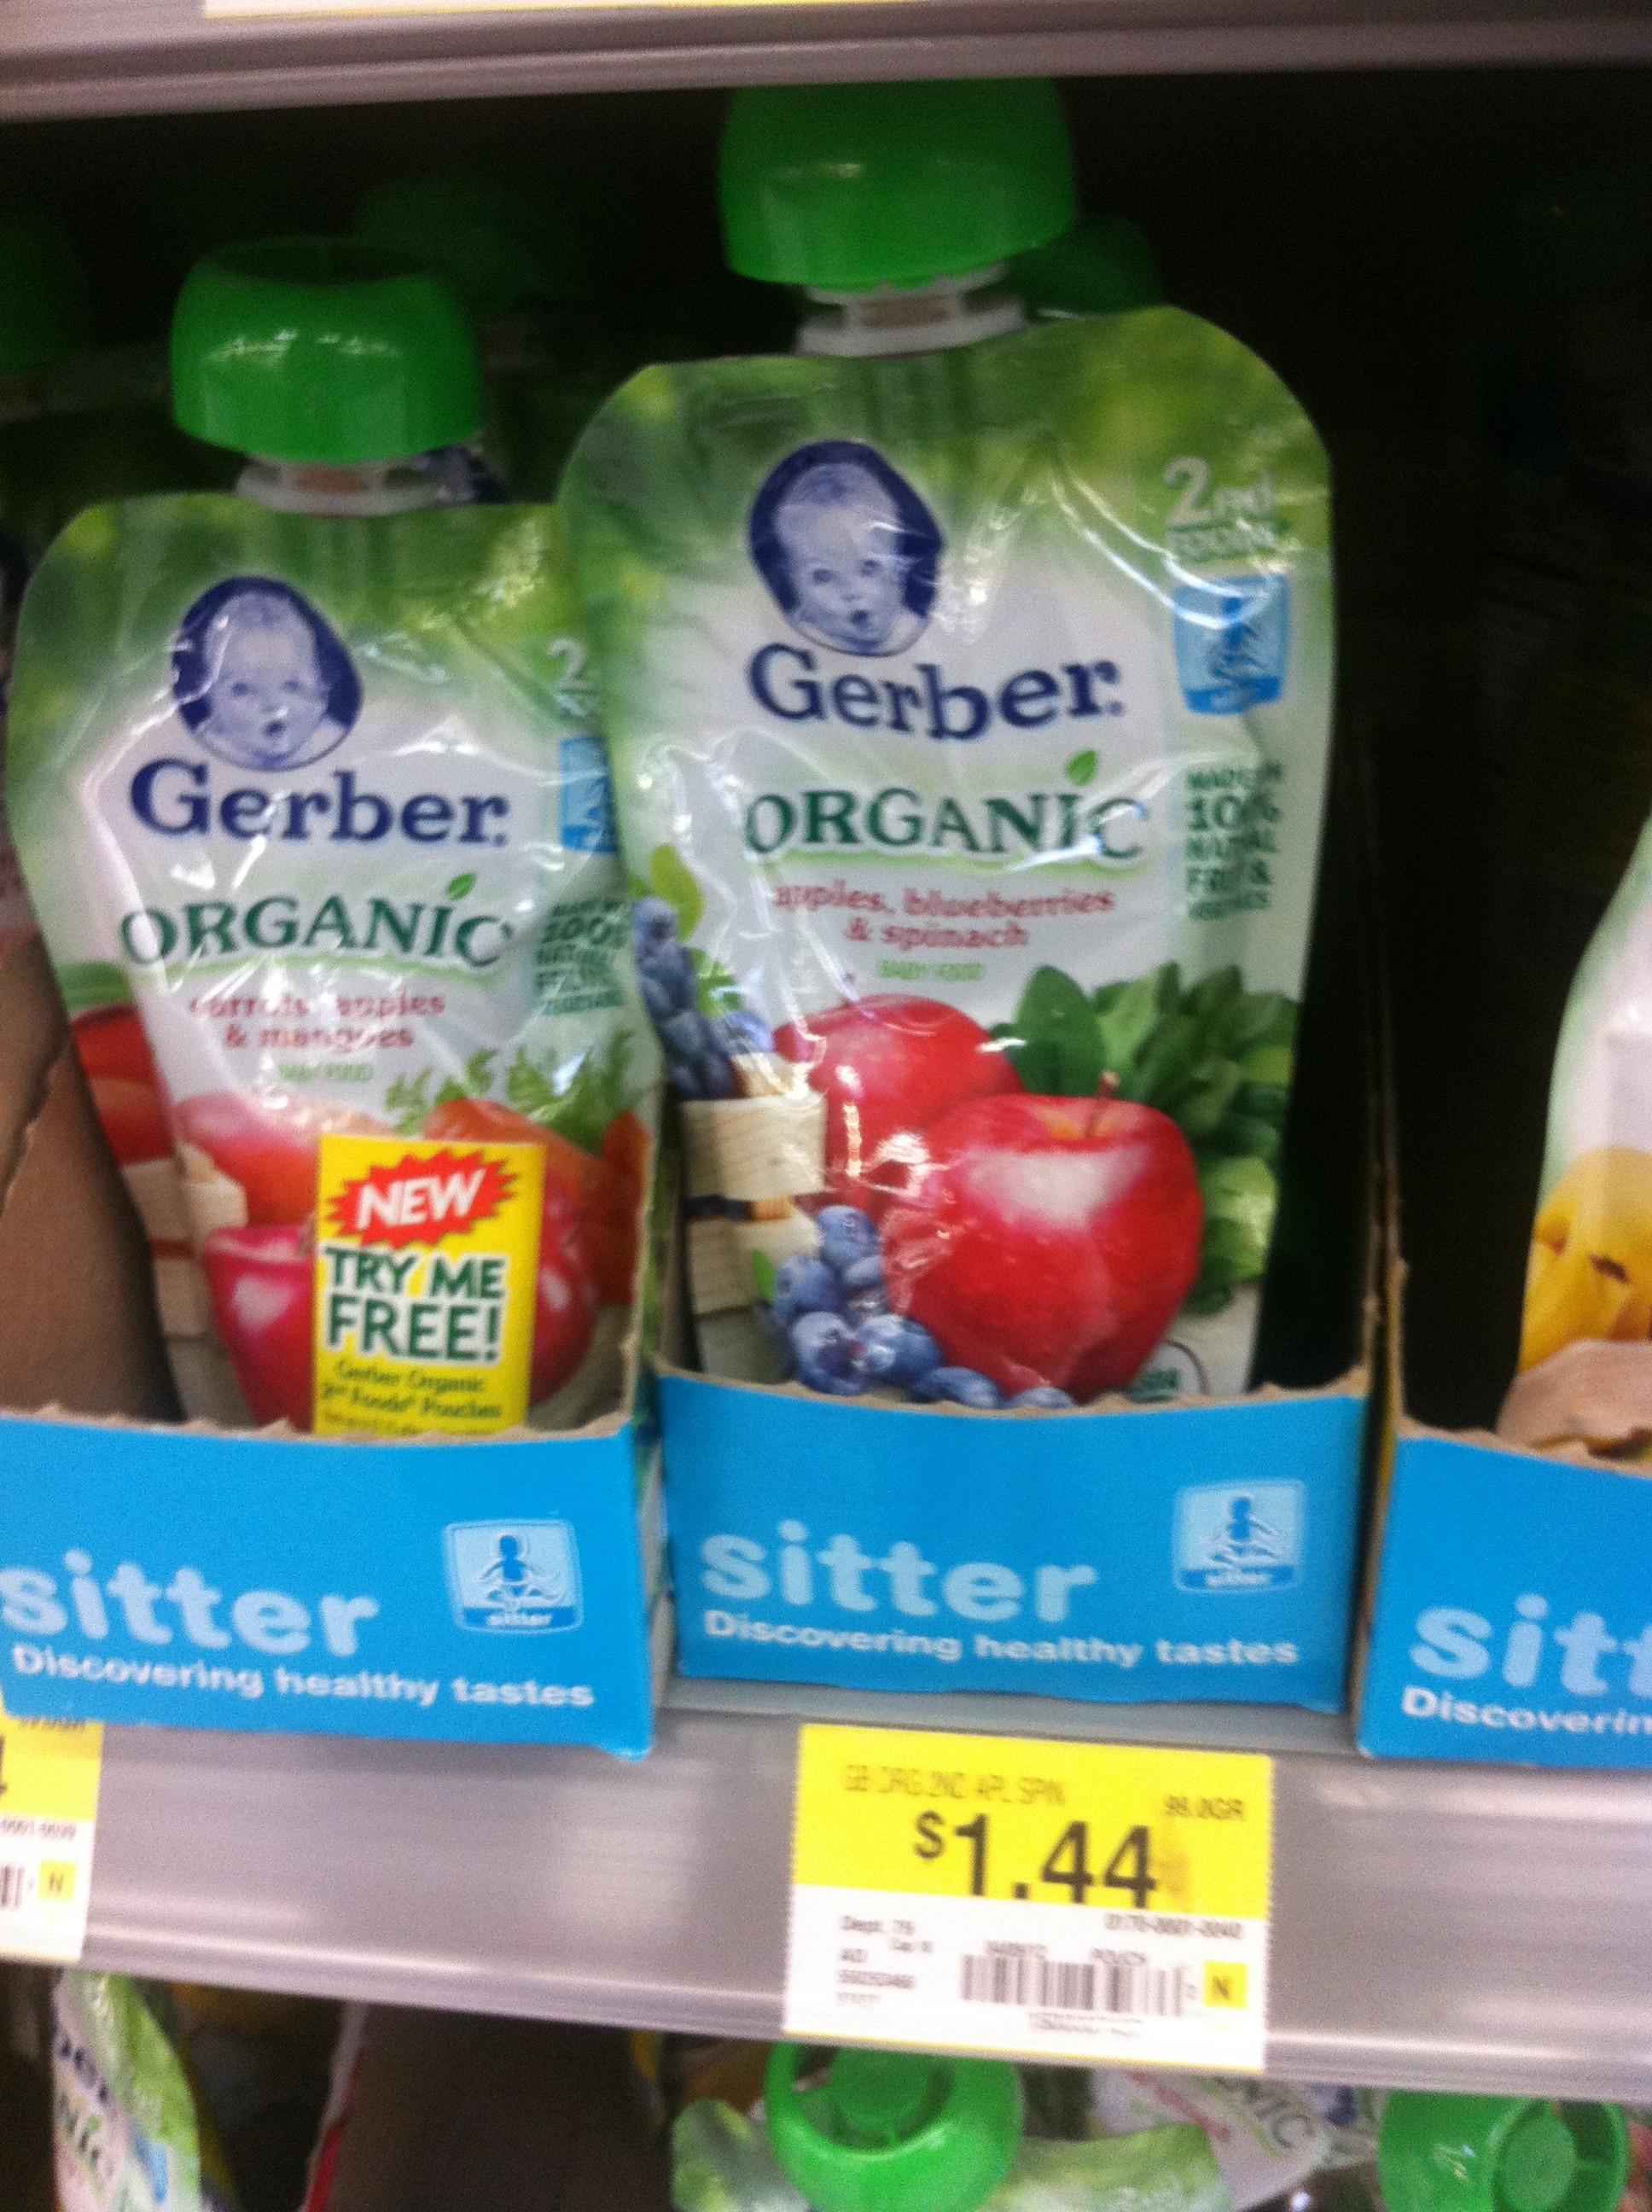 Gerber organic coupons